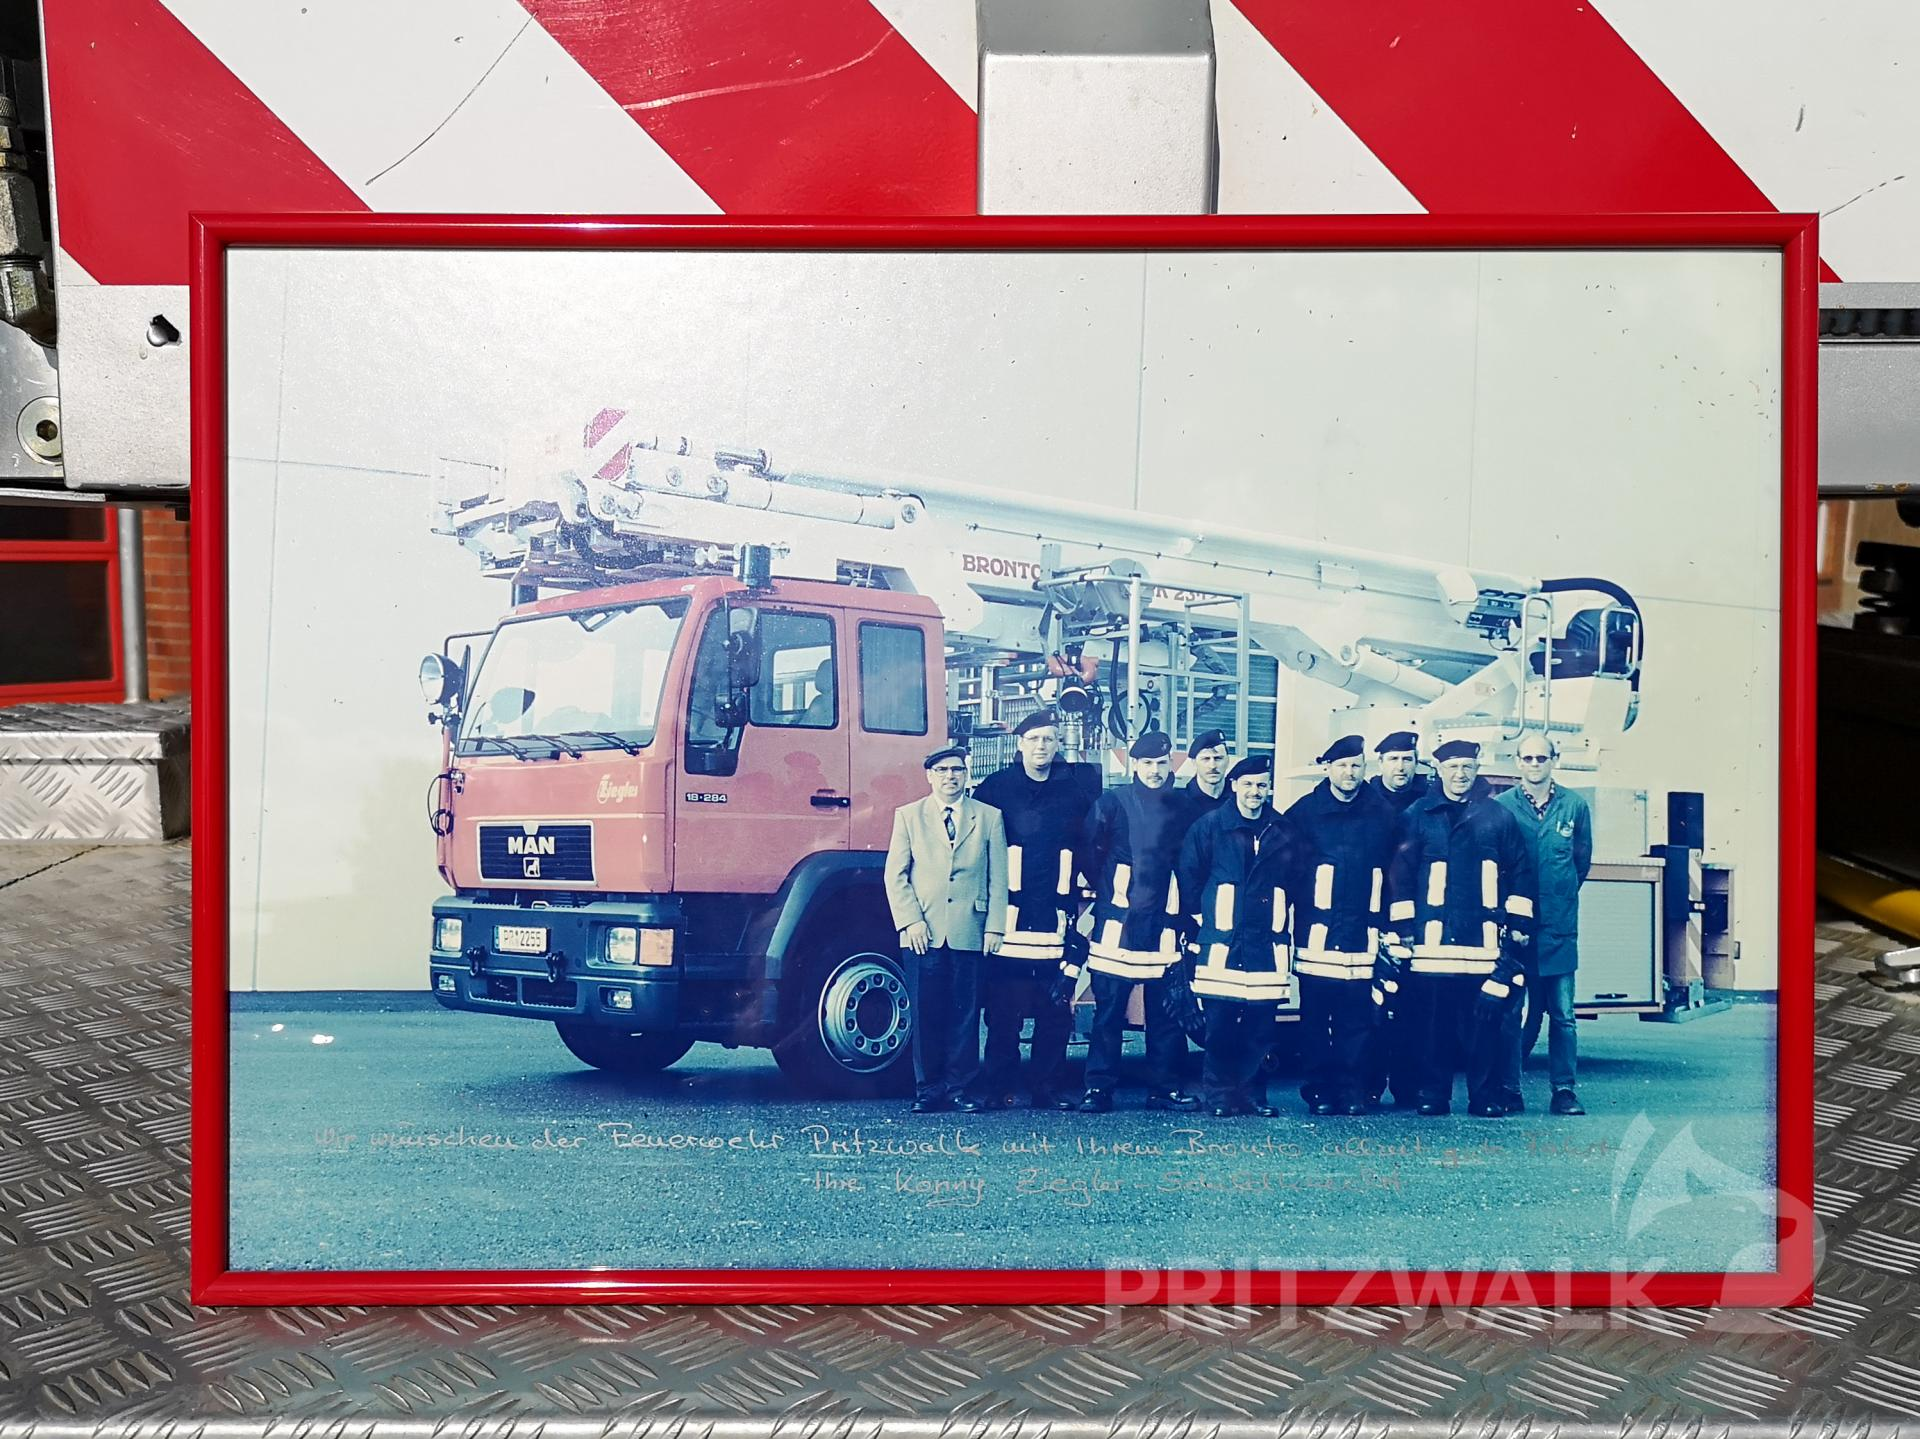 Erinnerung an die Übergabe des Bronto Skylift im Dezember 200. Foto: Beate Vogel